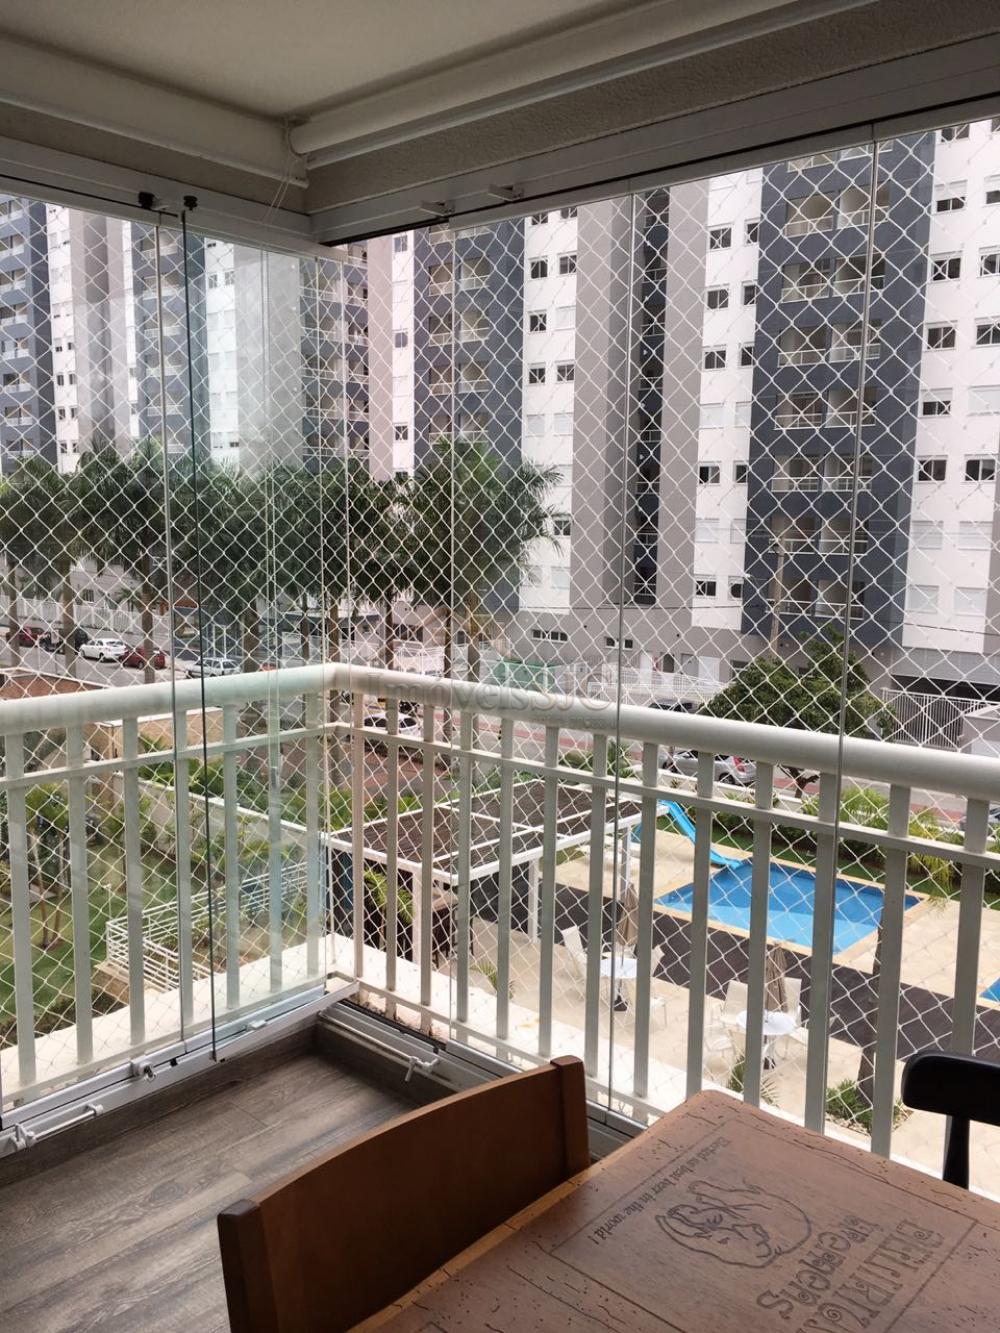 Comprar Apartamentos / Padrão em São José dos Campos apenas R$ 765.000,00 - Foto 5